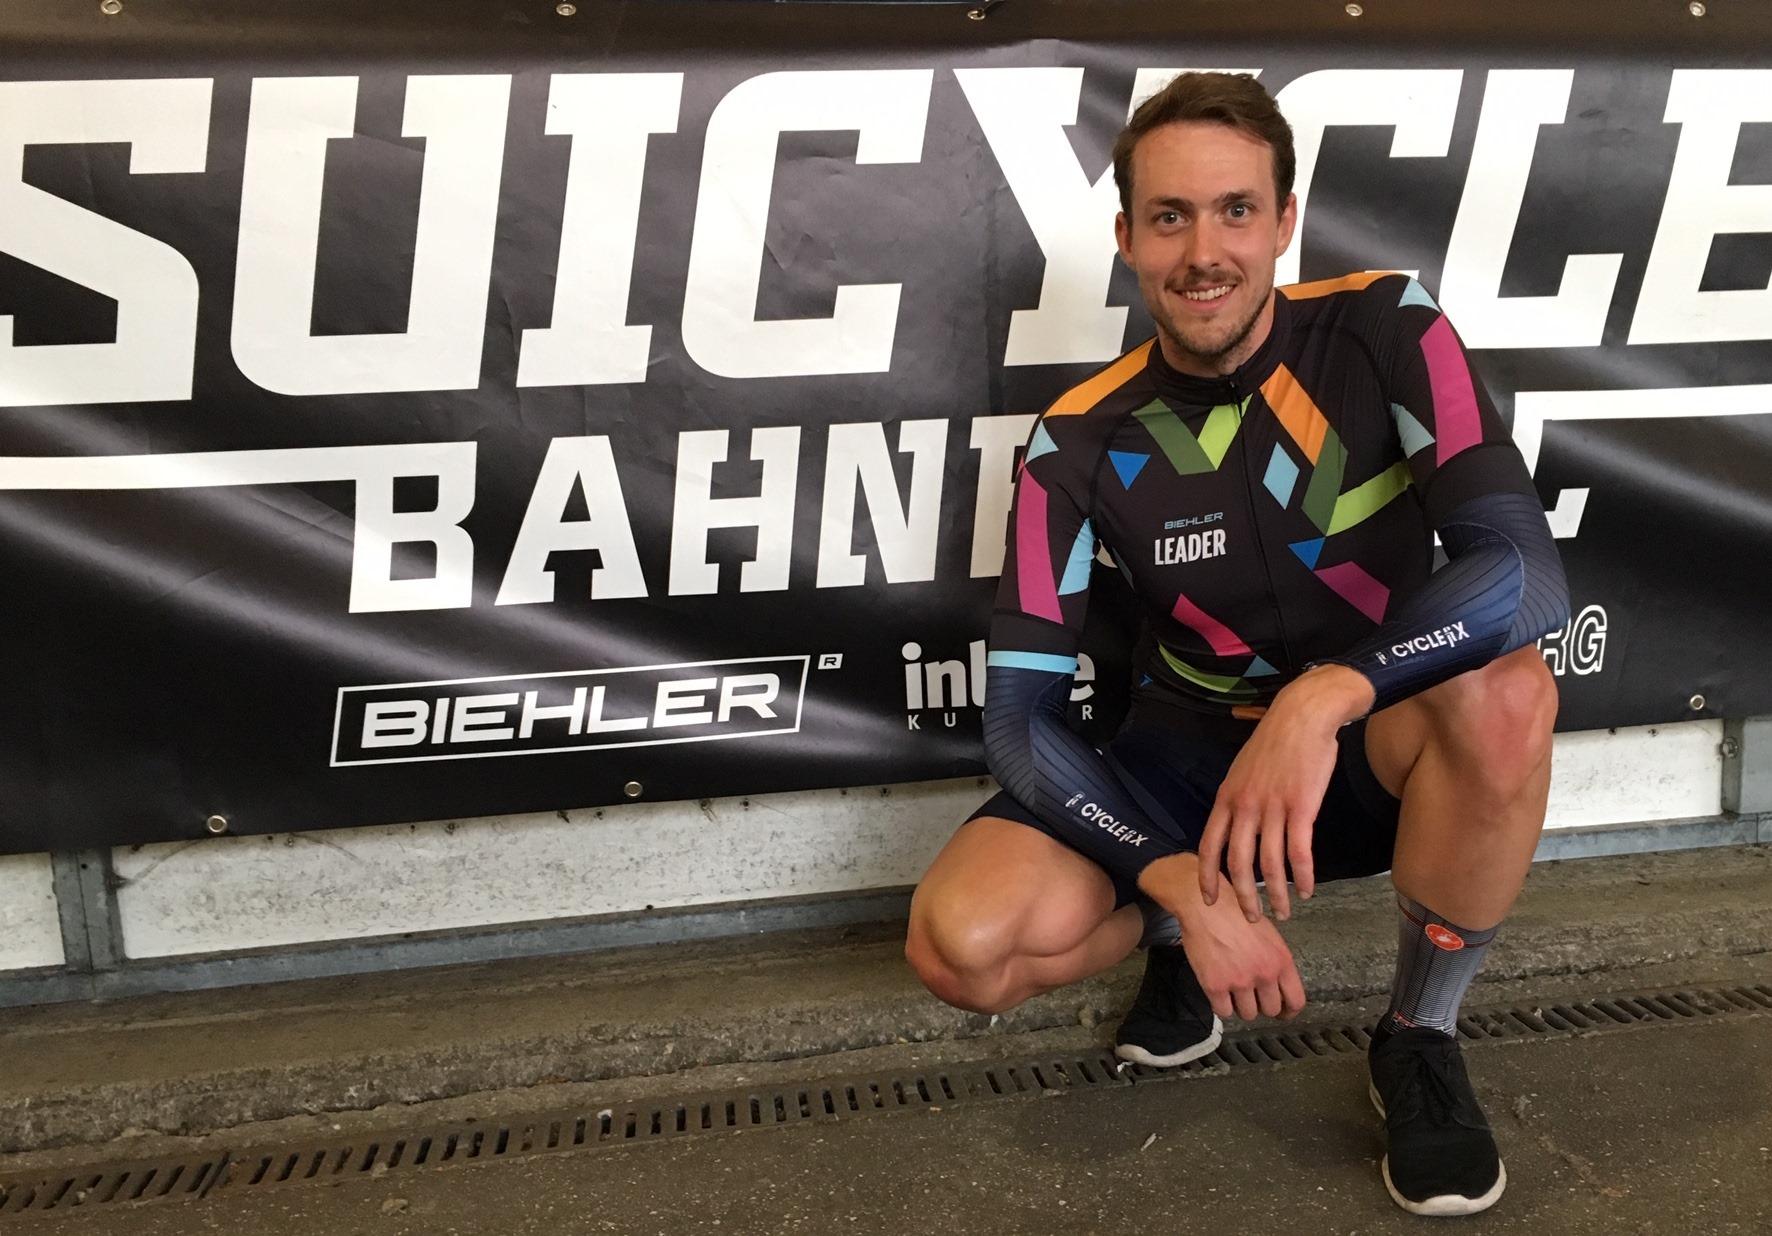 Bahn Pokal Hamburg – Cyclefix Team Hamburg